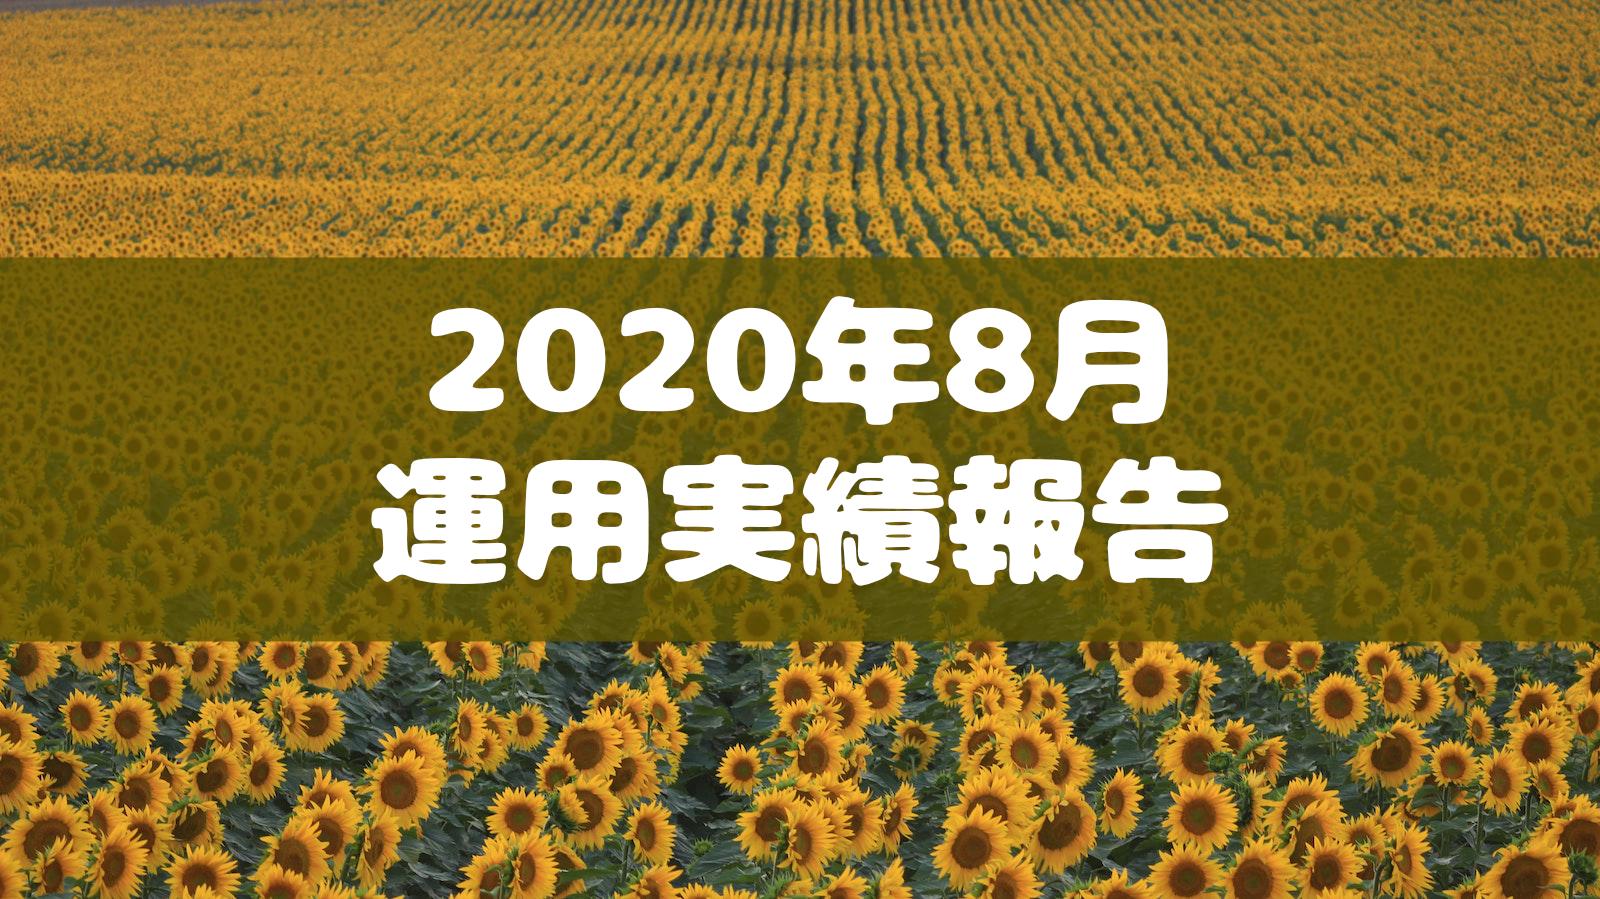 2020年8月運用実績報告